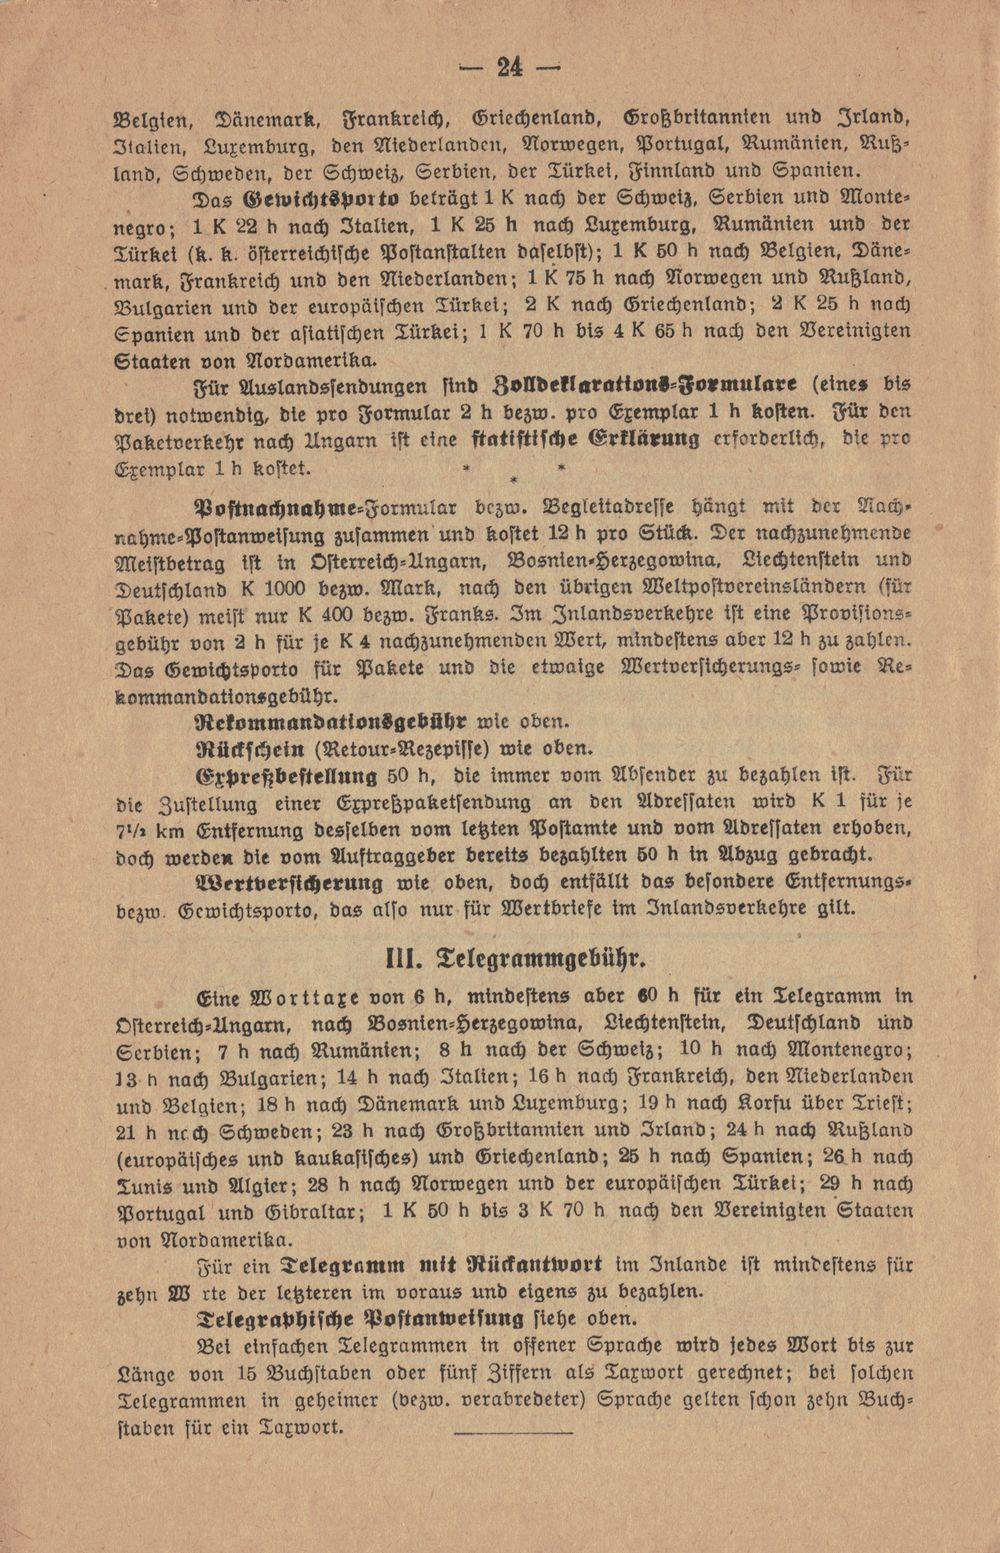 Postbüchl - Das kleine Postbuch 1914_g11